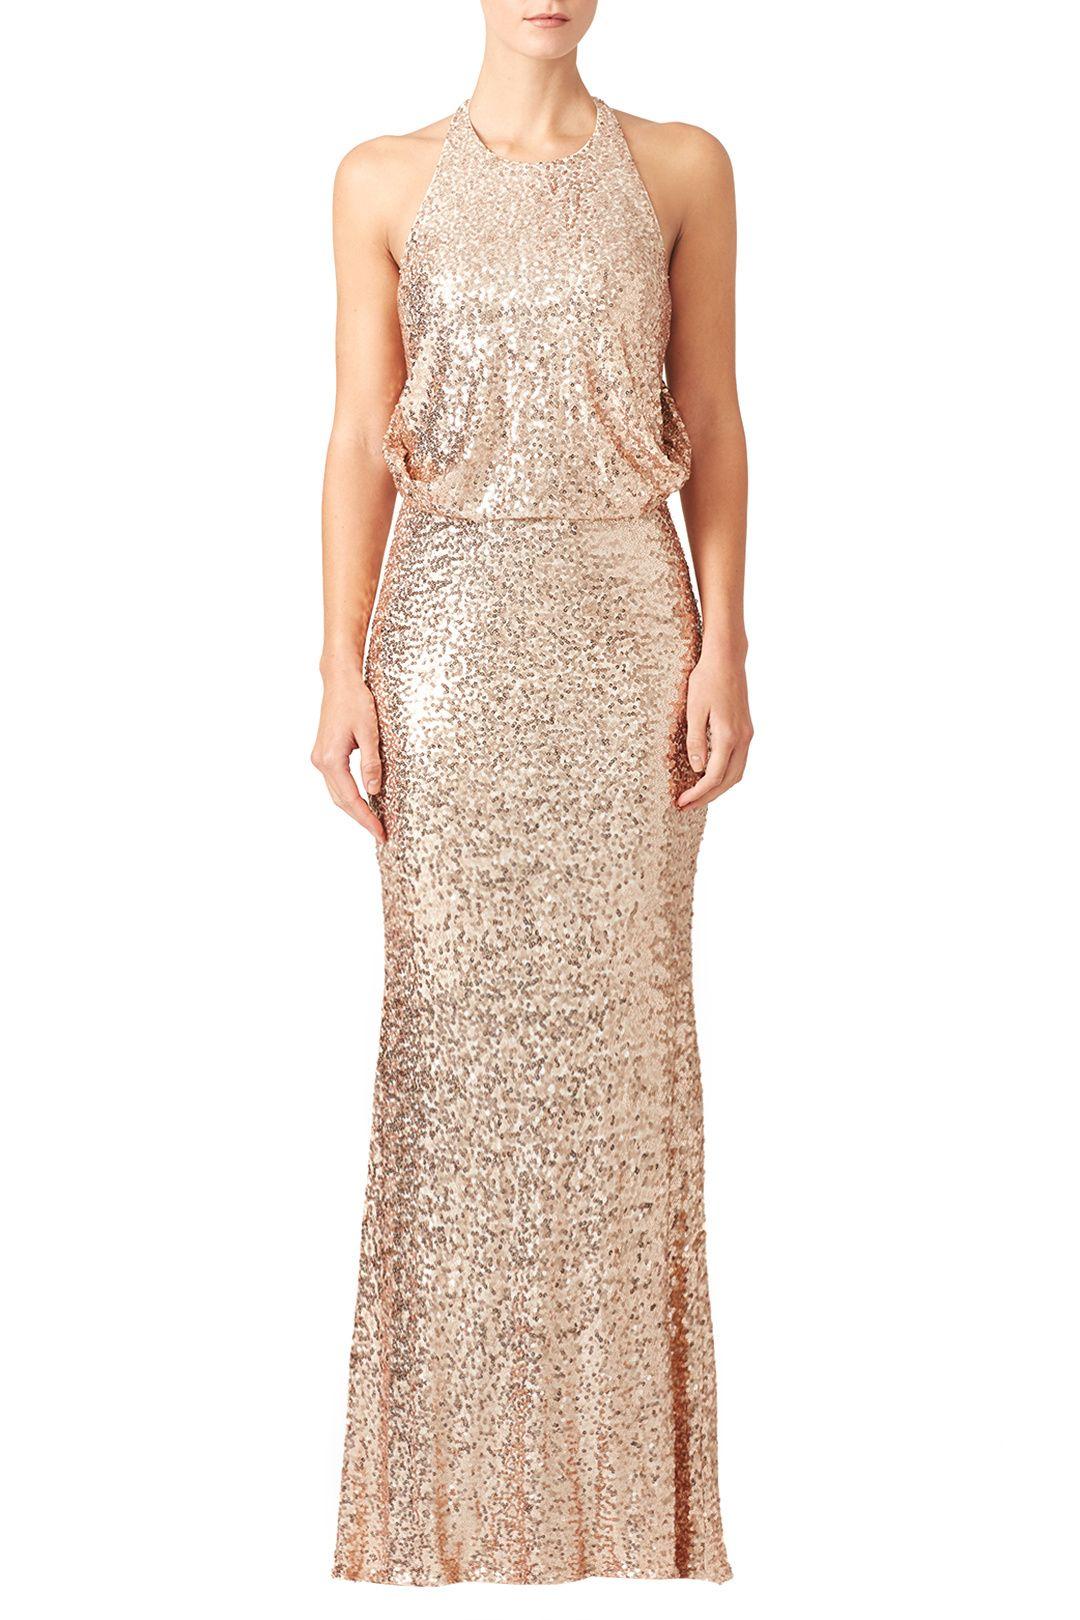 Rose Gold Sequin Bridesmaid Dress | Brautjungfer